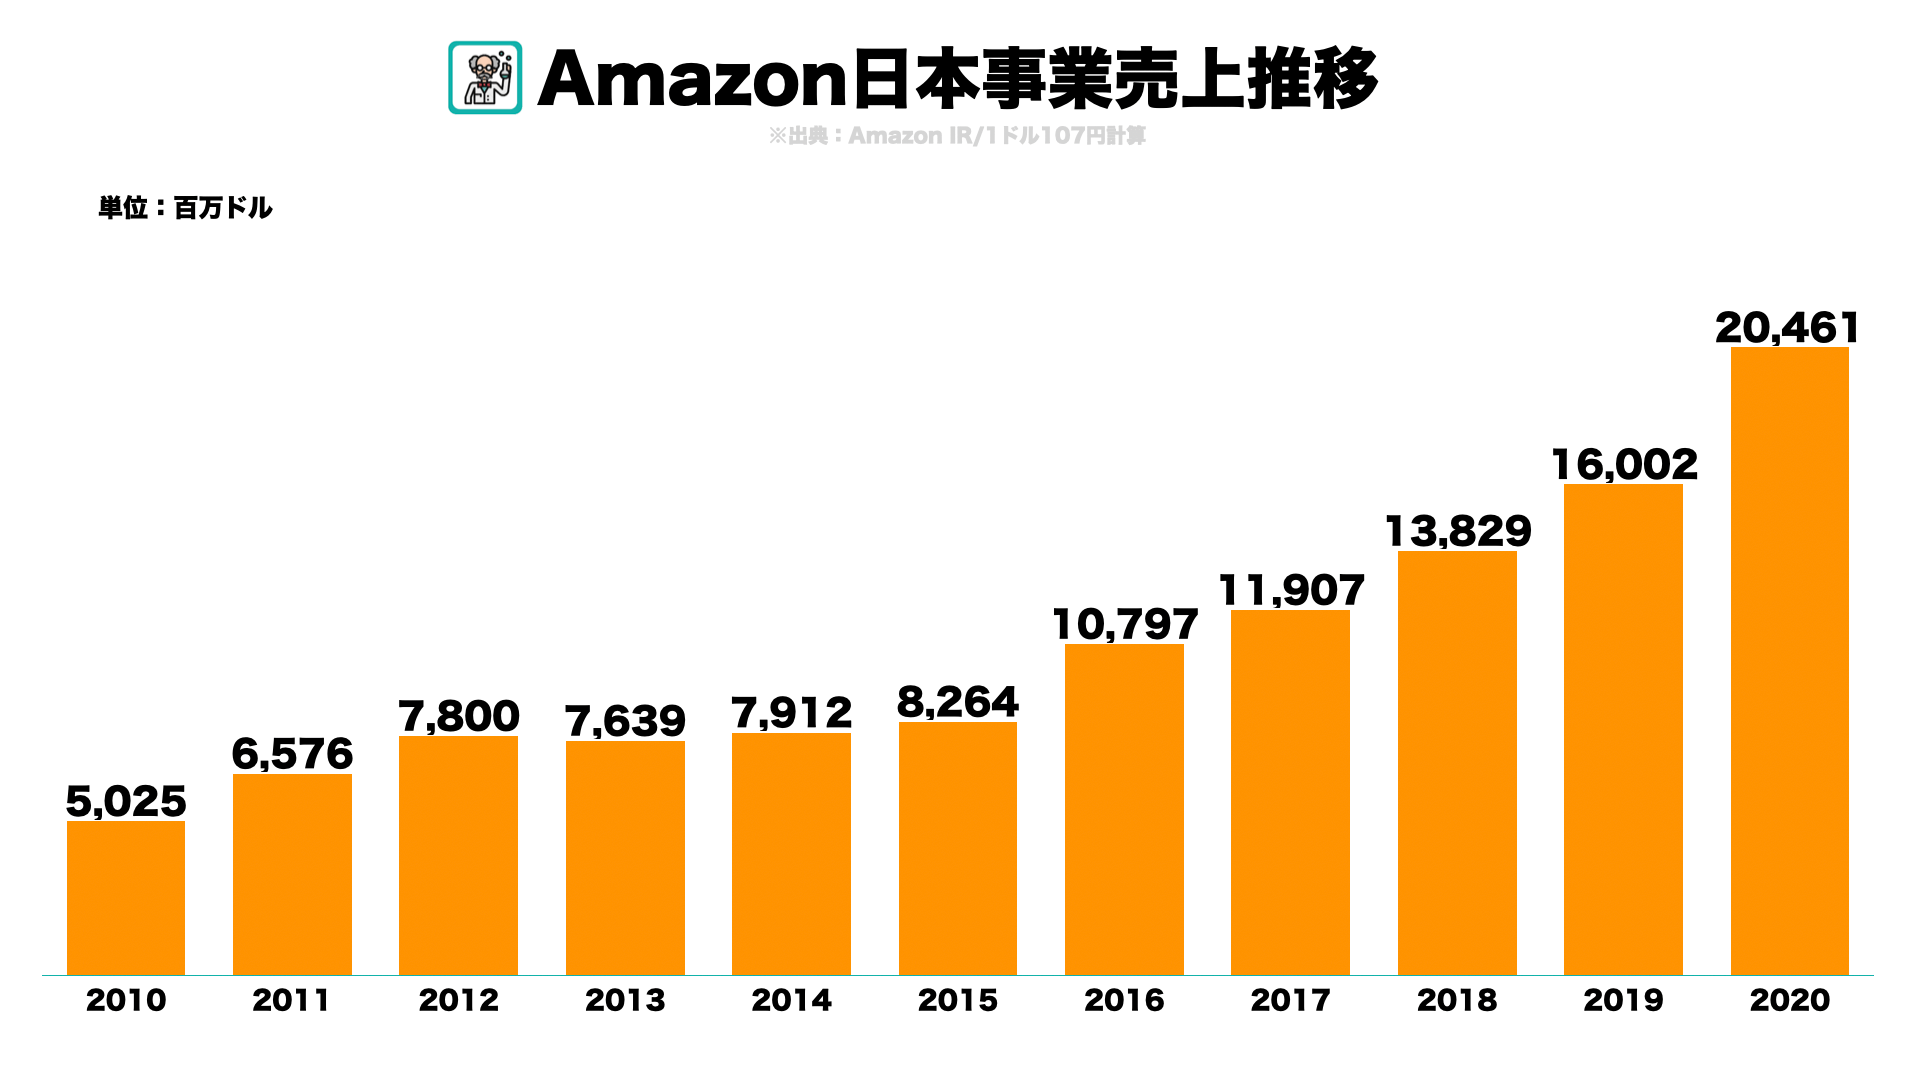 AmazonPrime会員数推移など主要KPIを調べてみた2